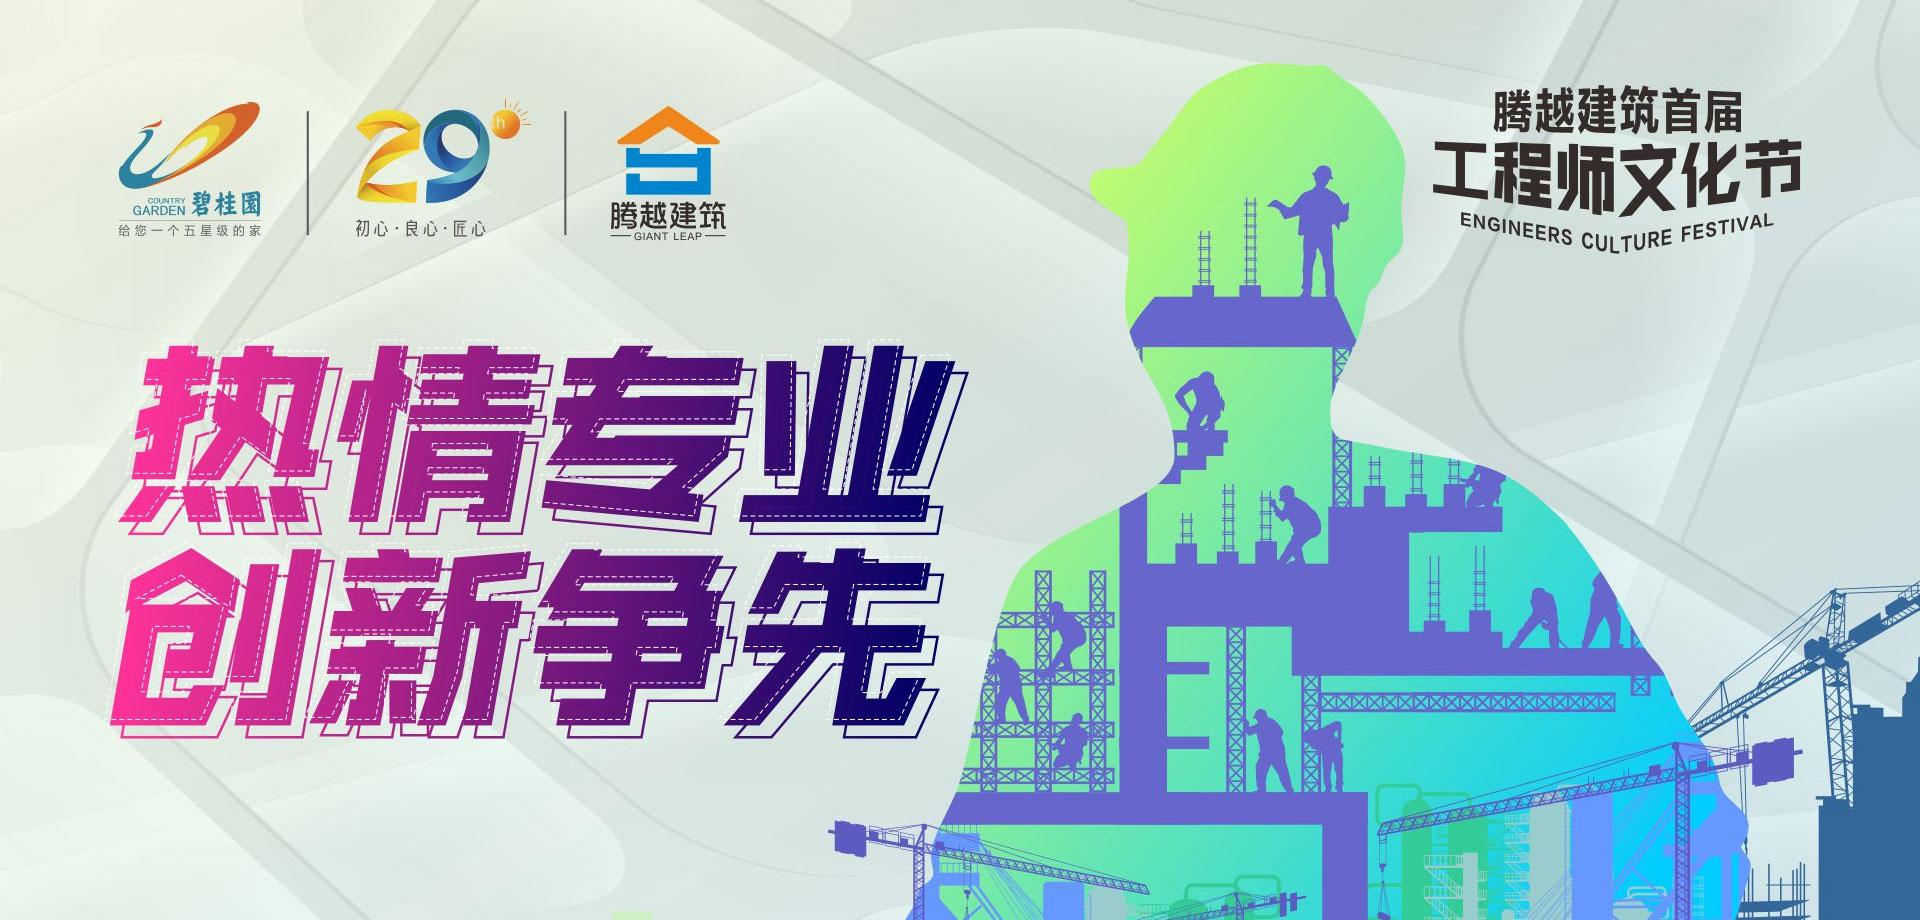 工程师文化节